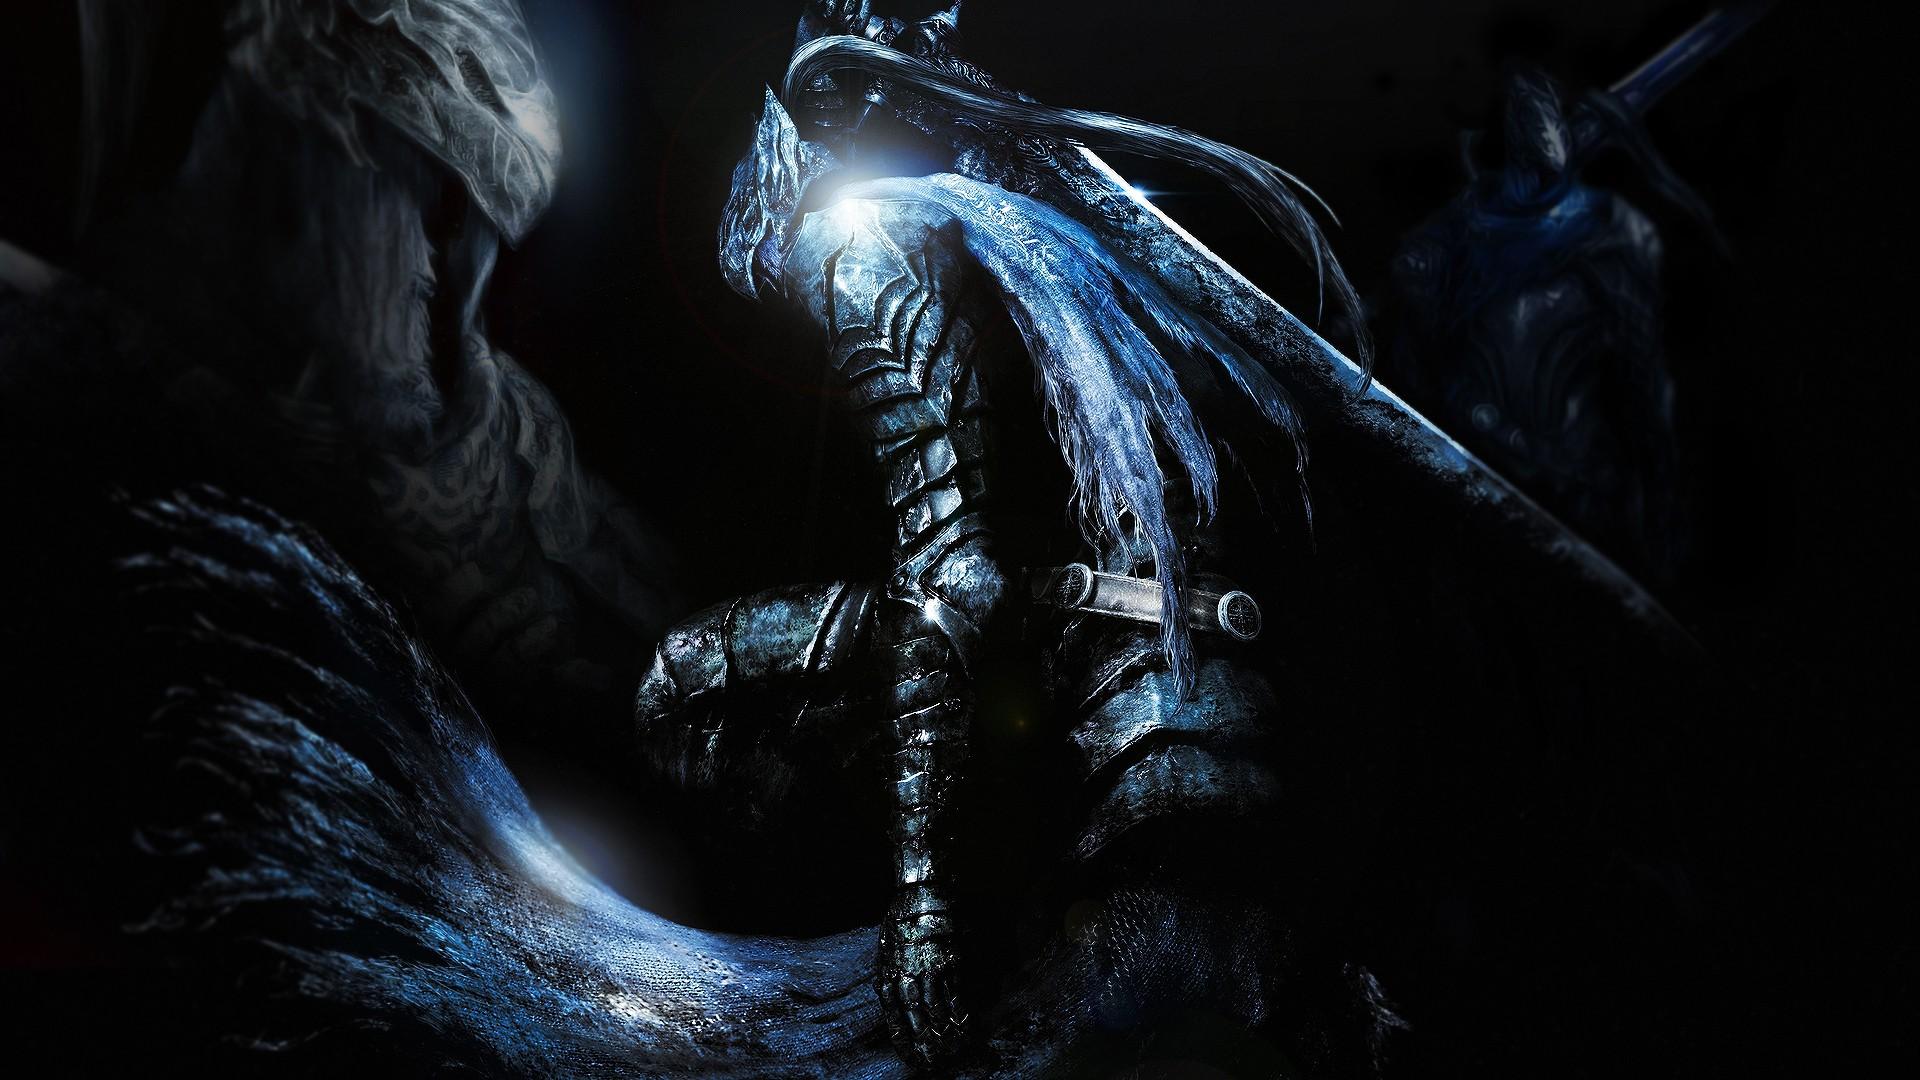 デスクトップ壁紙 黒 アートワーク ドラゴン 悪魔 暗い魂